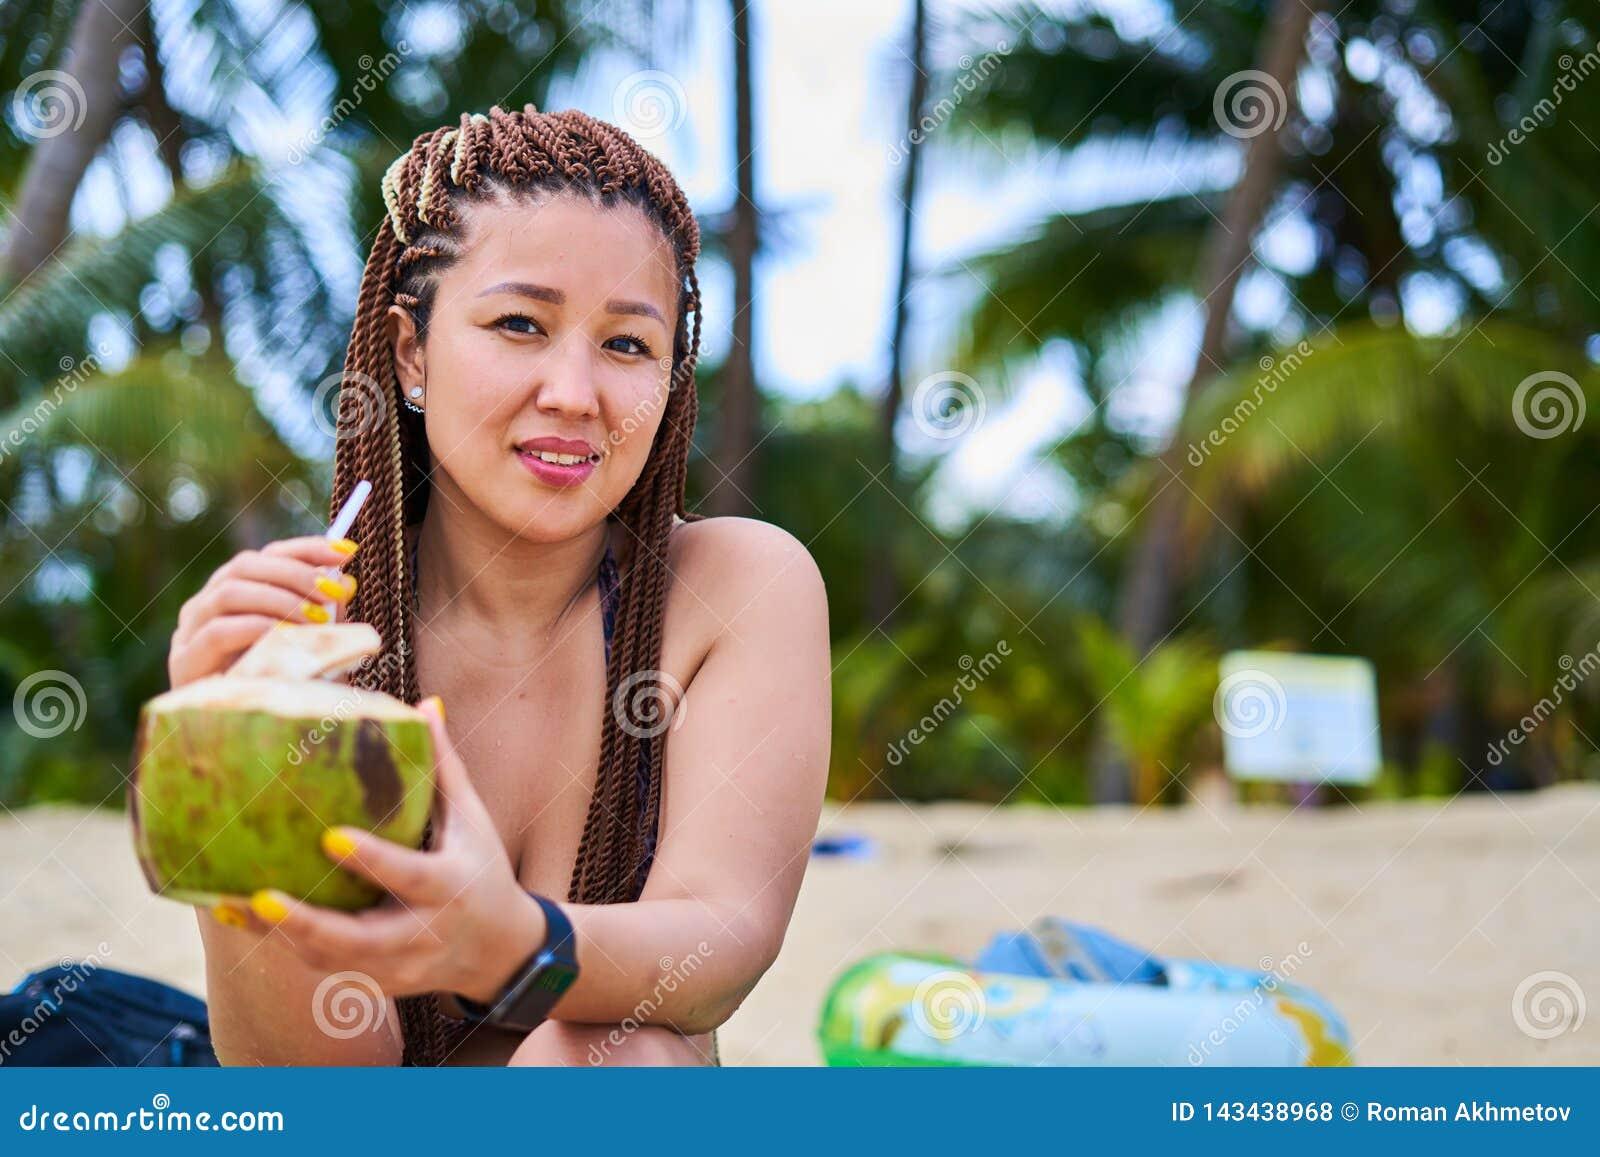 Coquettish the coconut